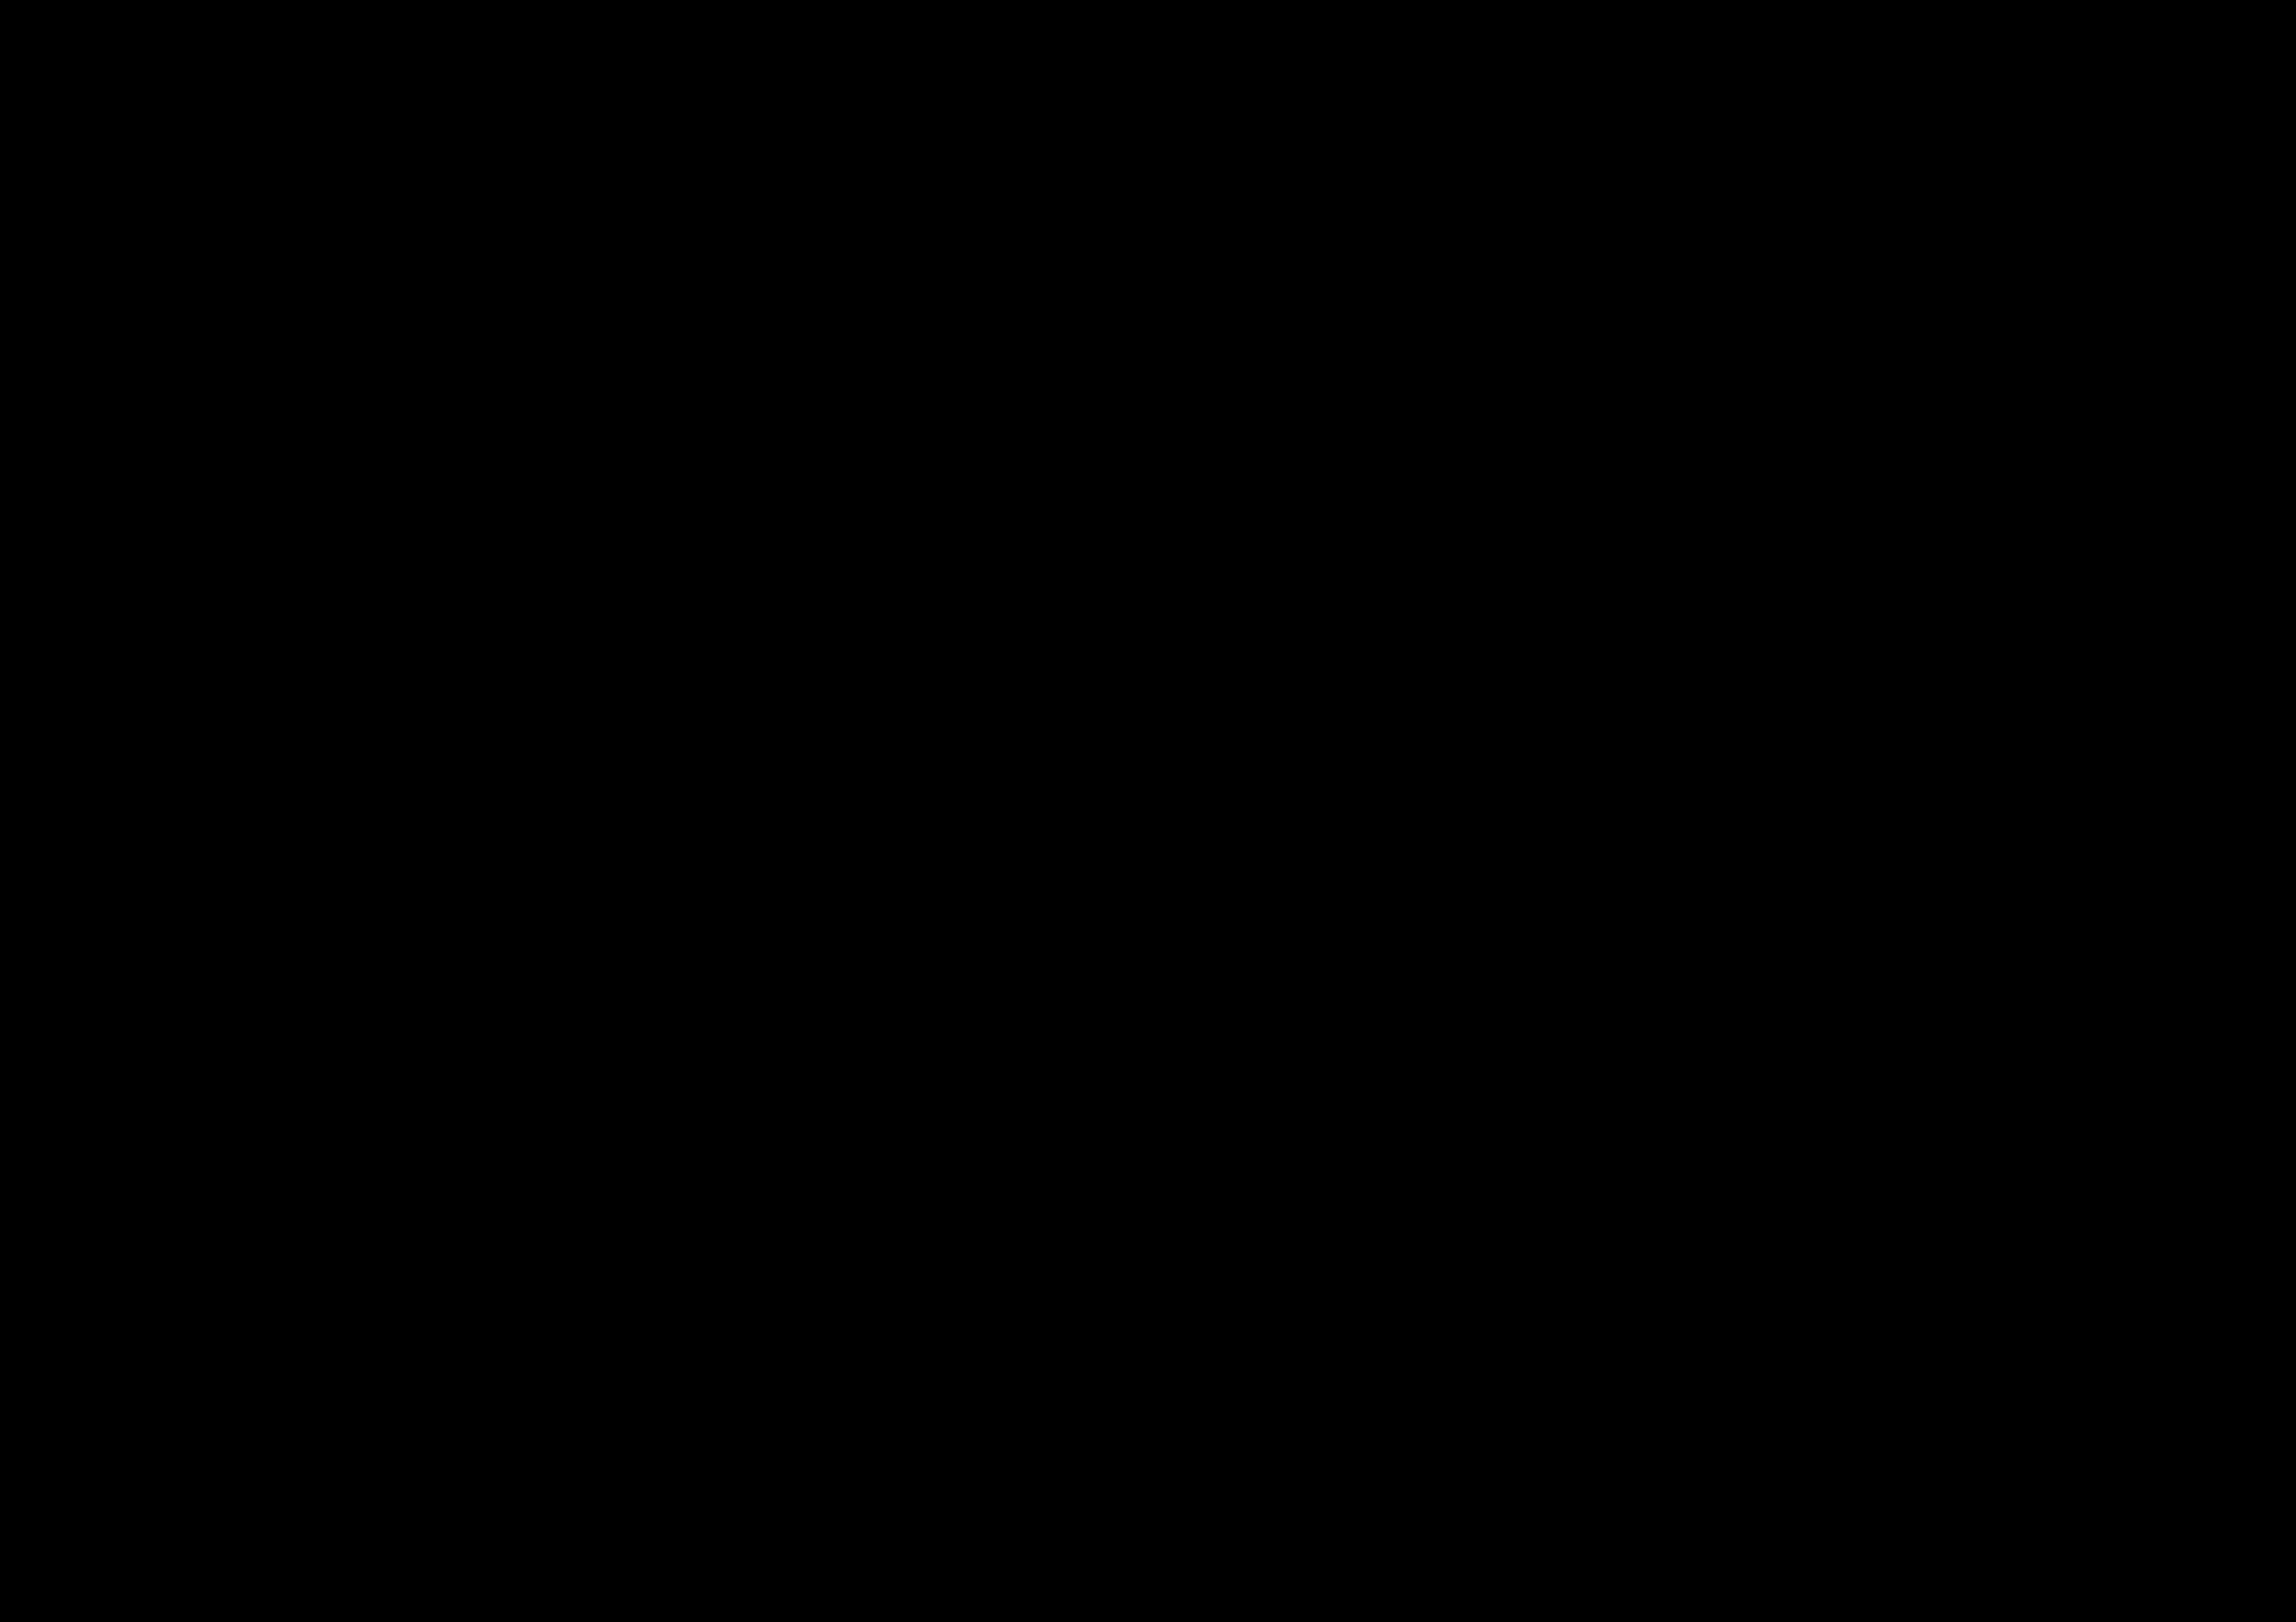 Căn hộ của dự án PH Nha Trang